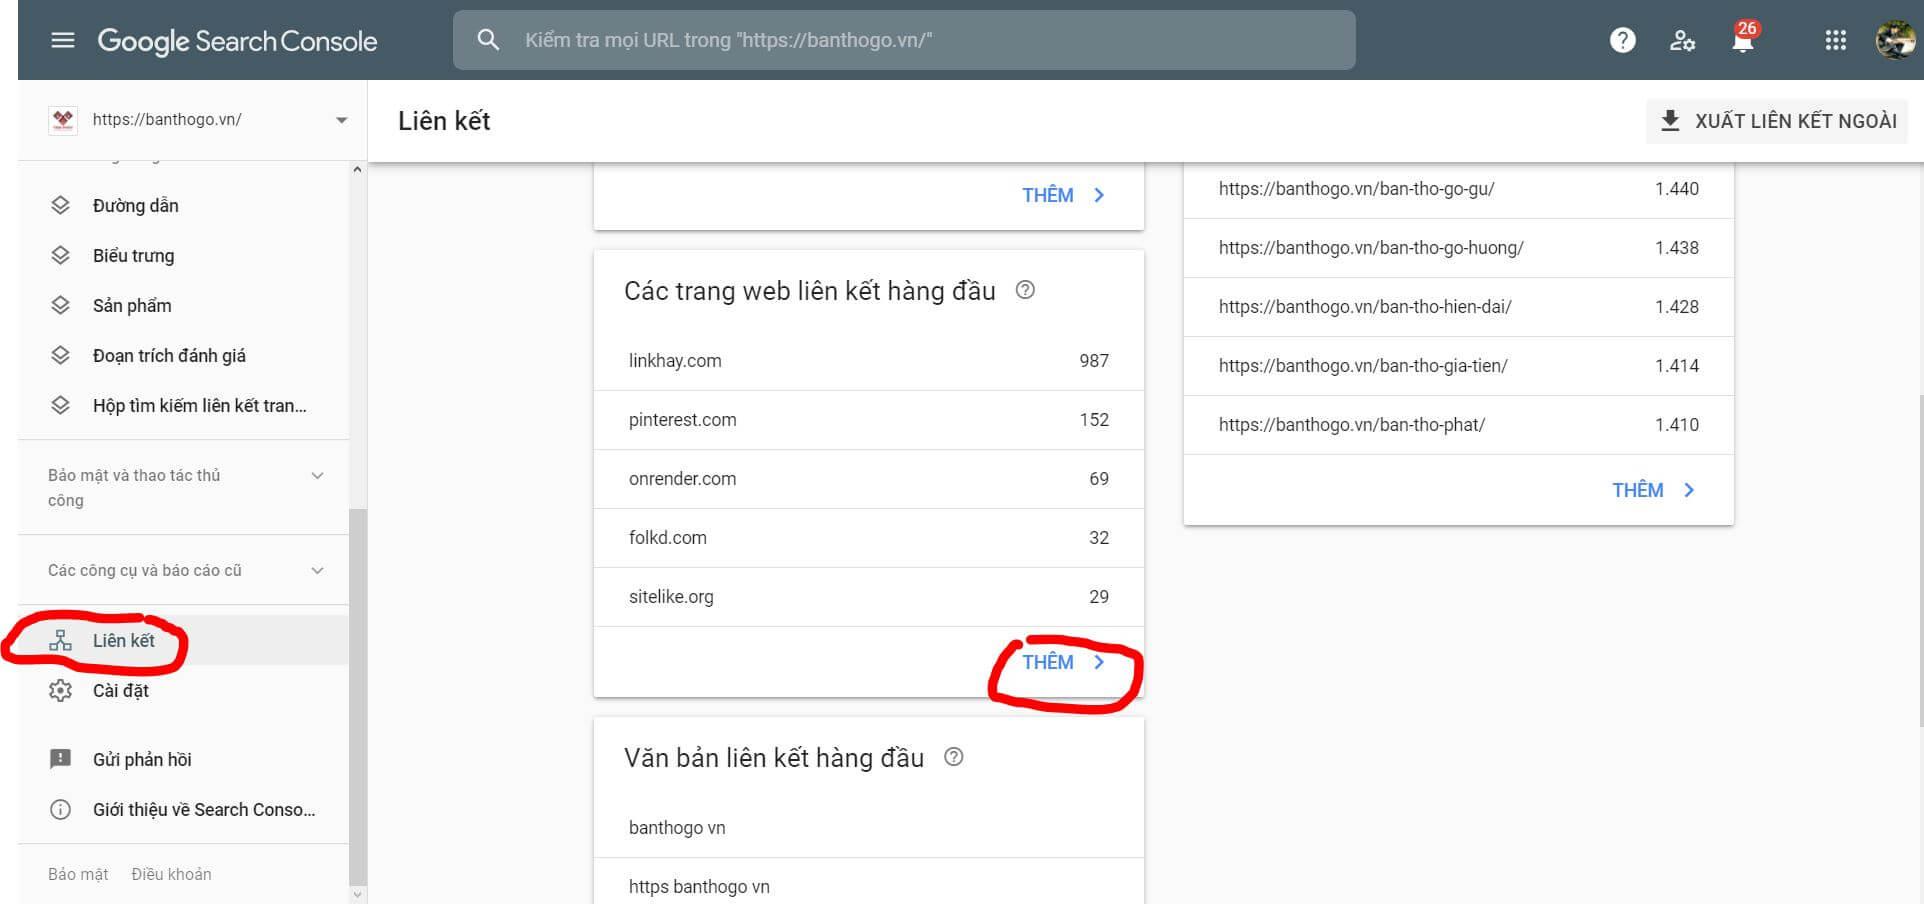 Cách chặn Backlink xấu bằng Google Search Console phiên bản mới